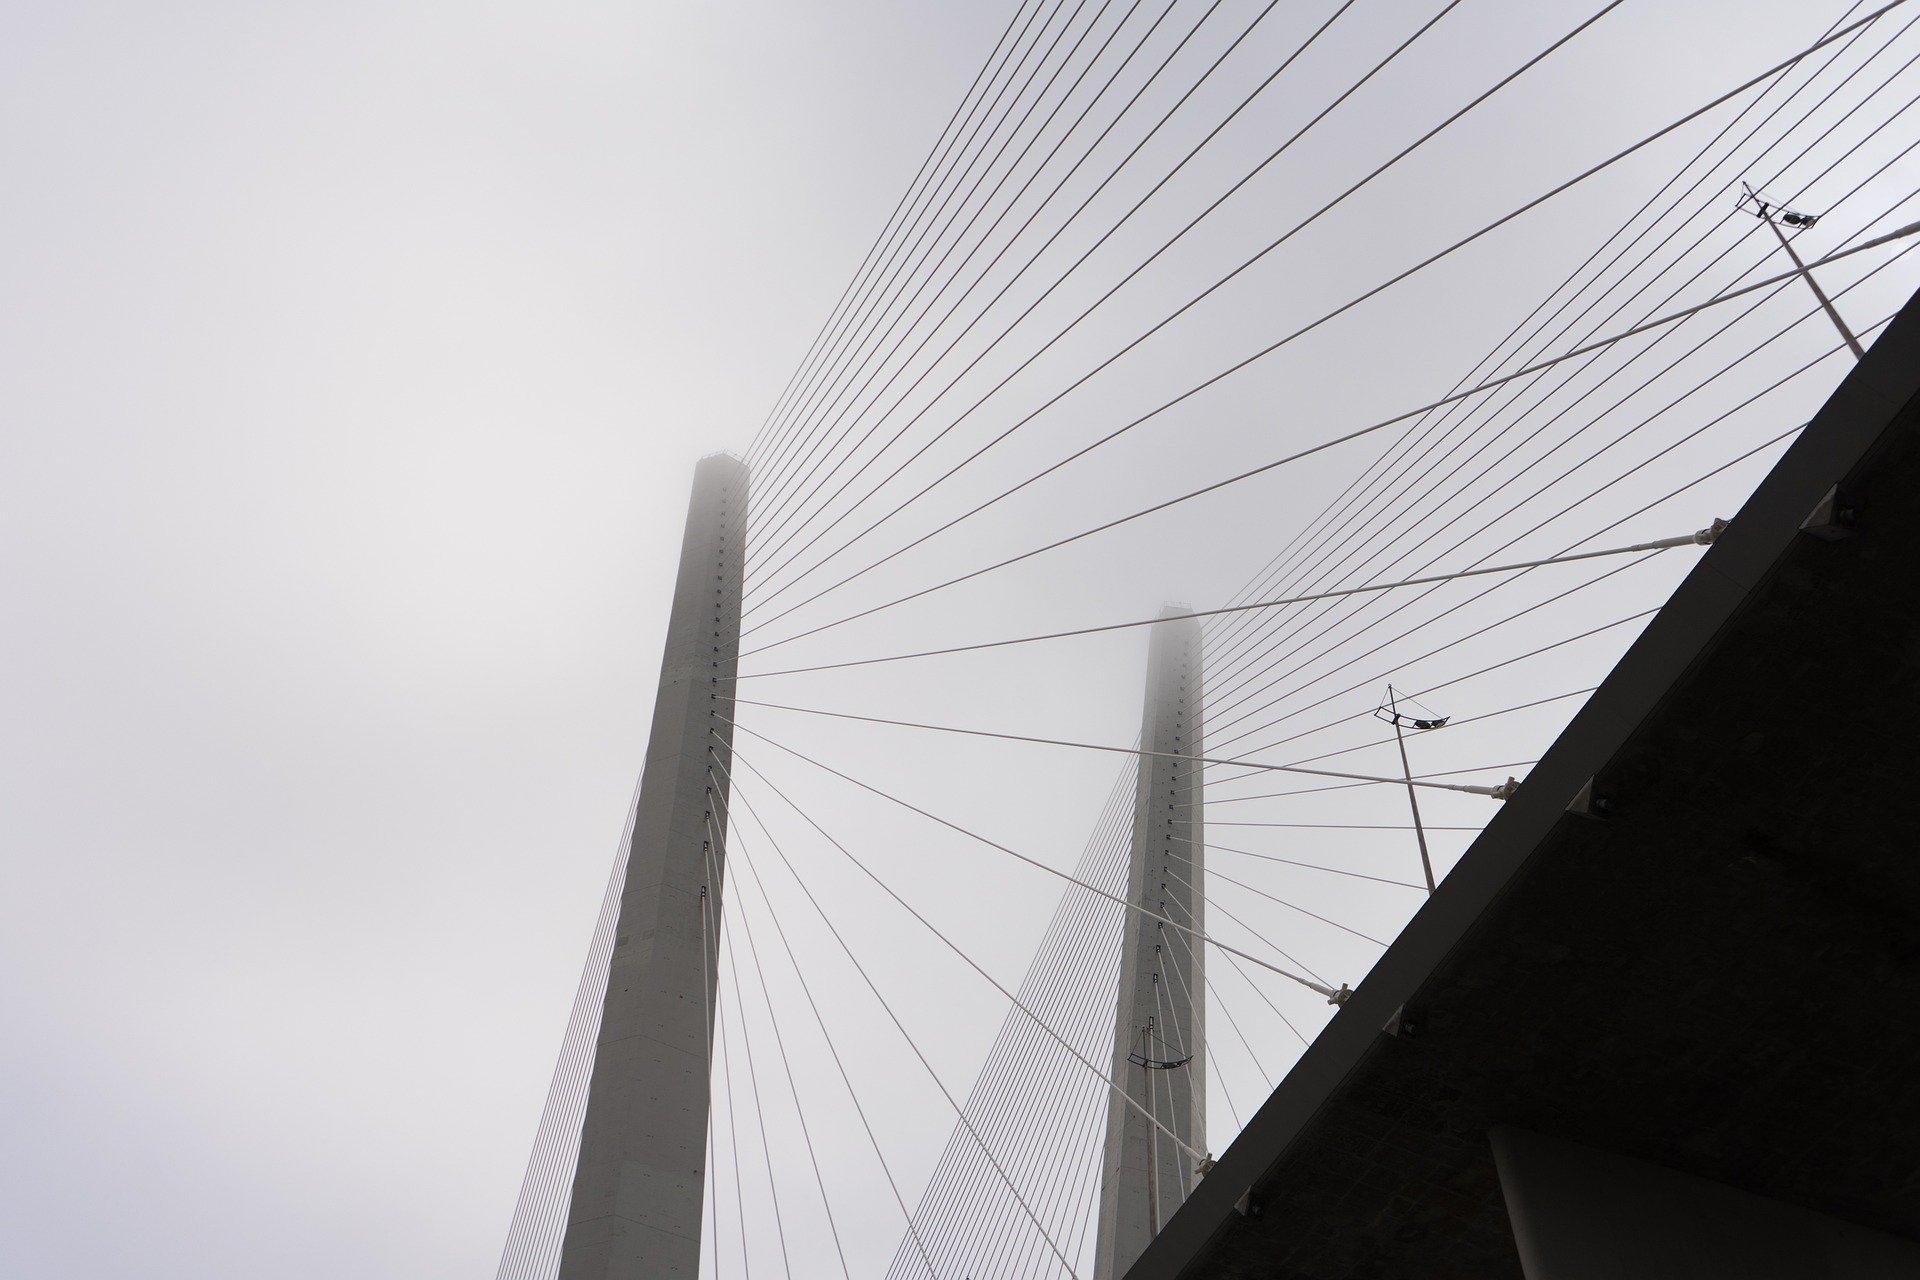 bridge-4546141_1920